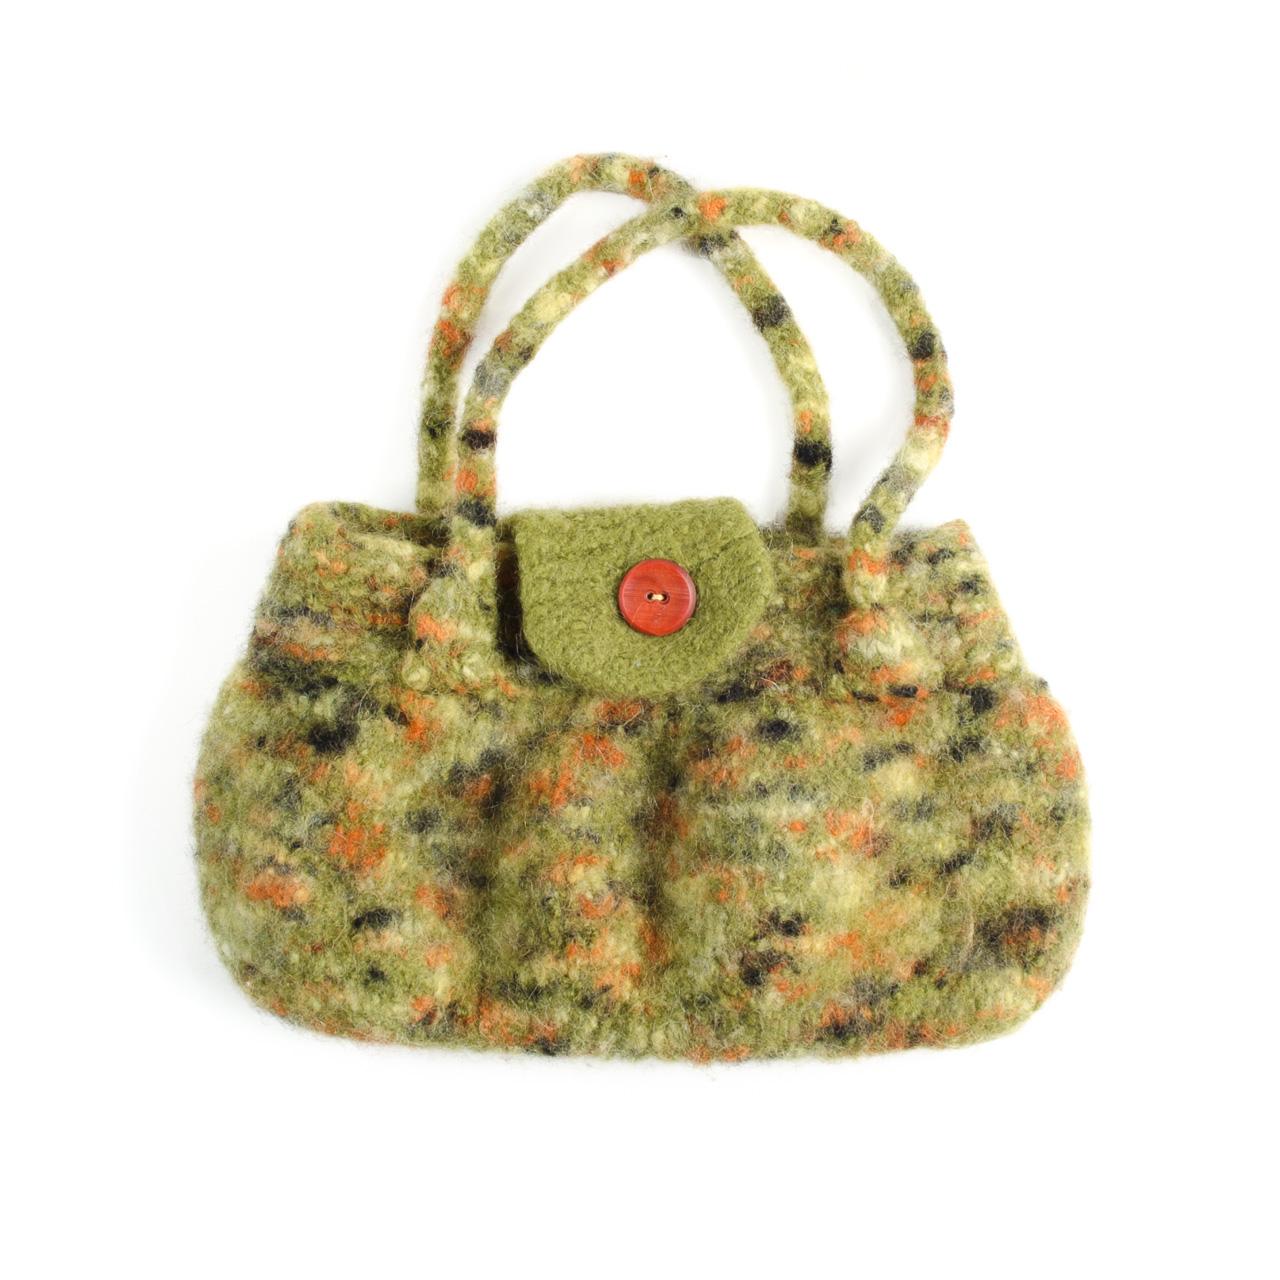 Green Felted Handbag